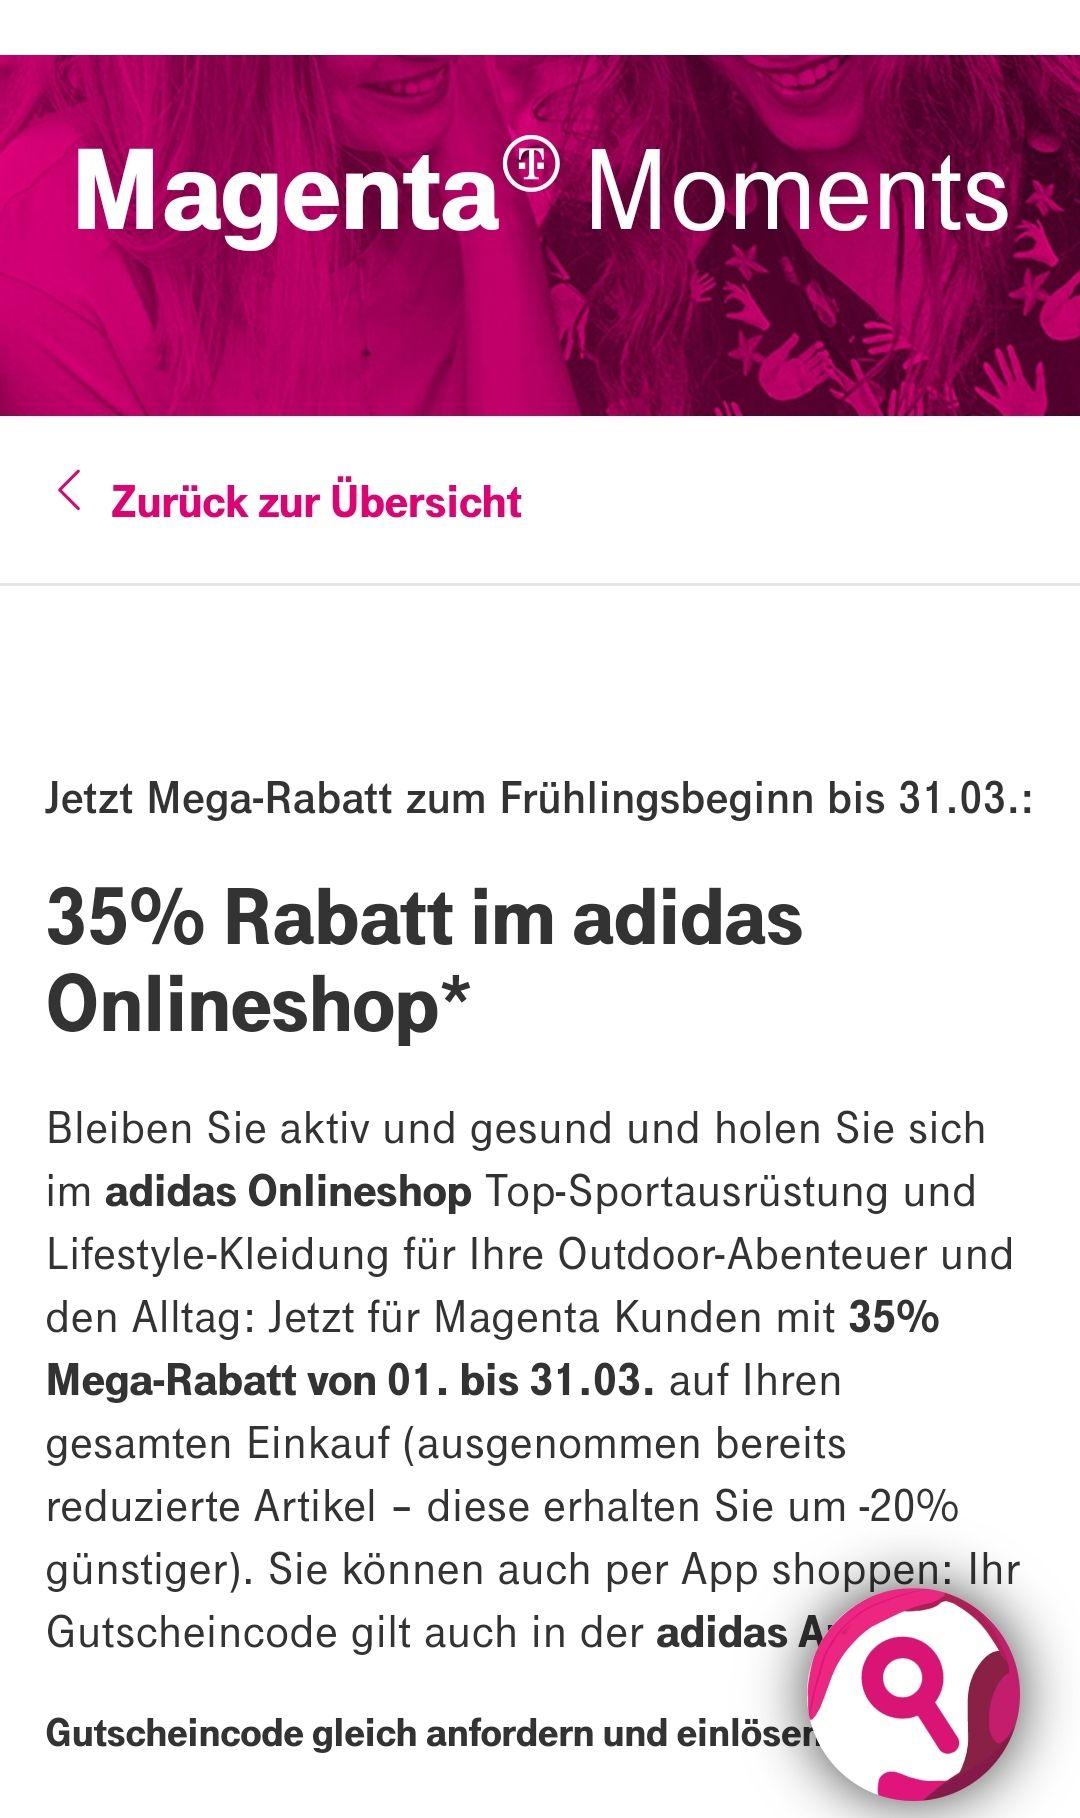 -35% im Addidas Onlineshop für Magenta Kunden